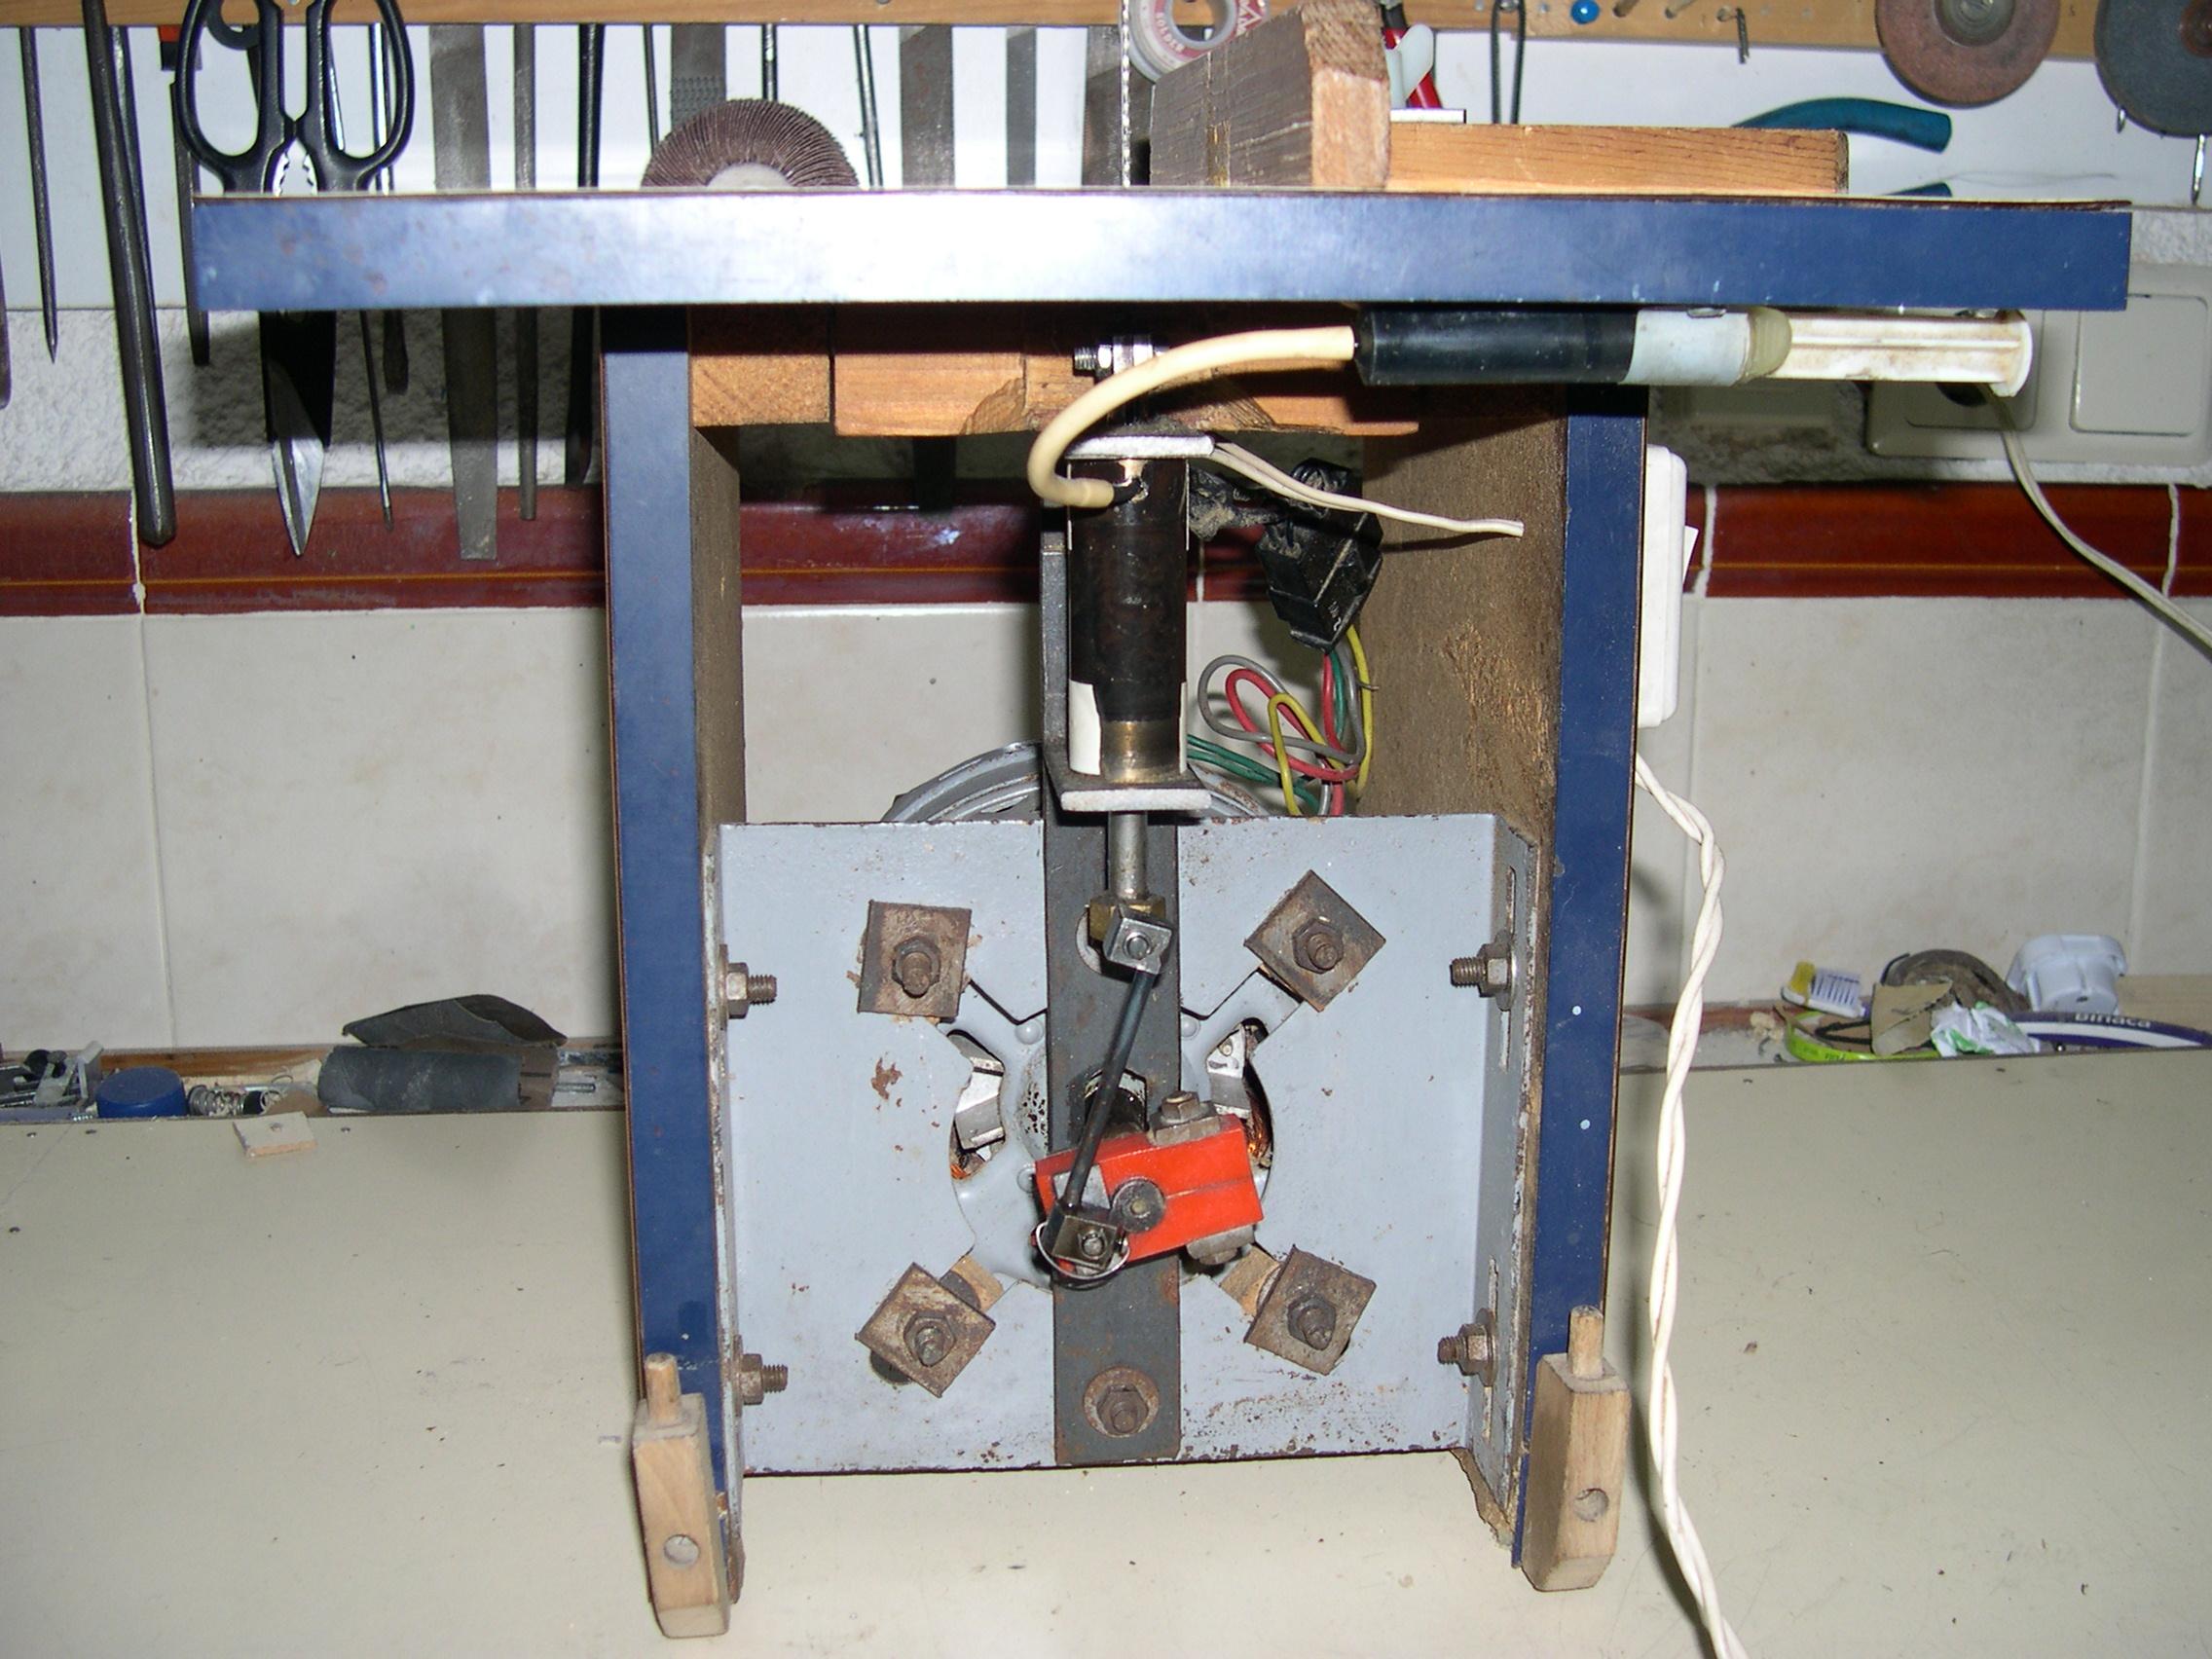 M quinas y herramientas caseras - Maquina de palomitas casera ...